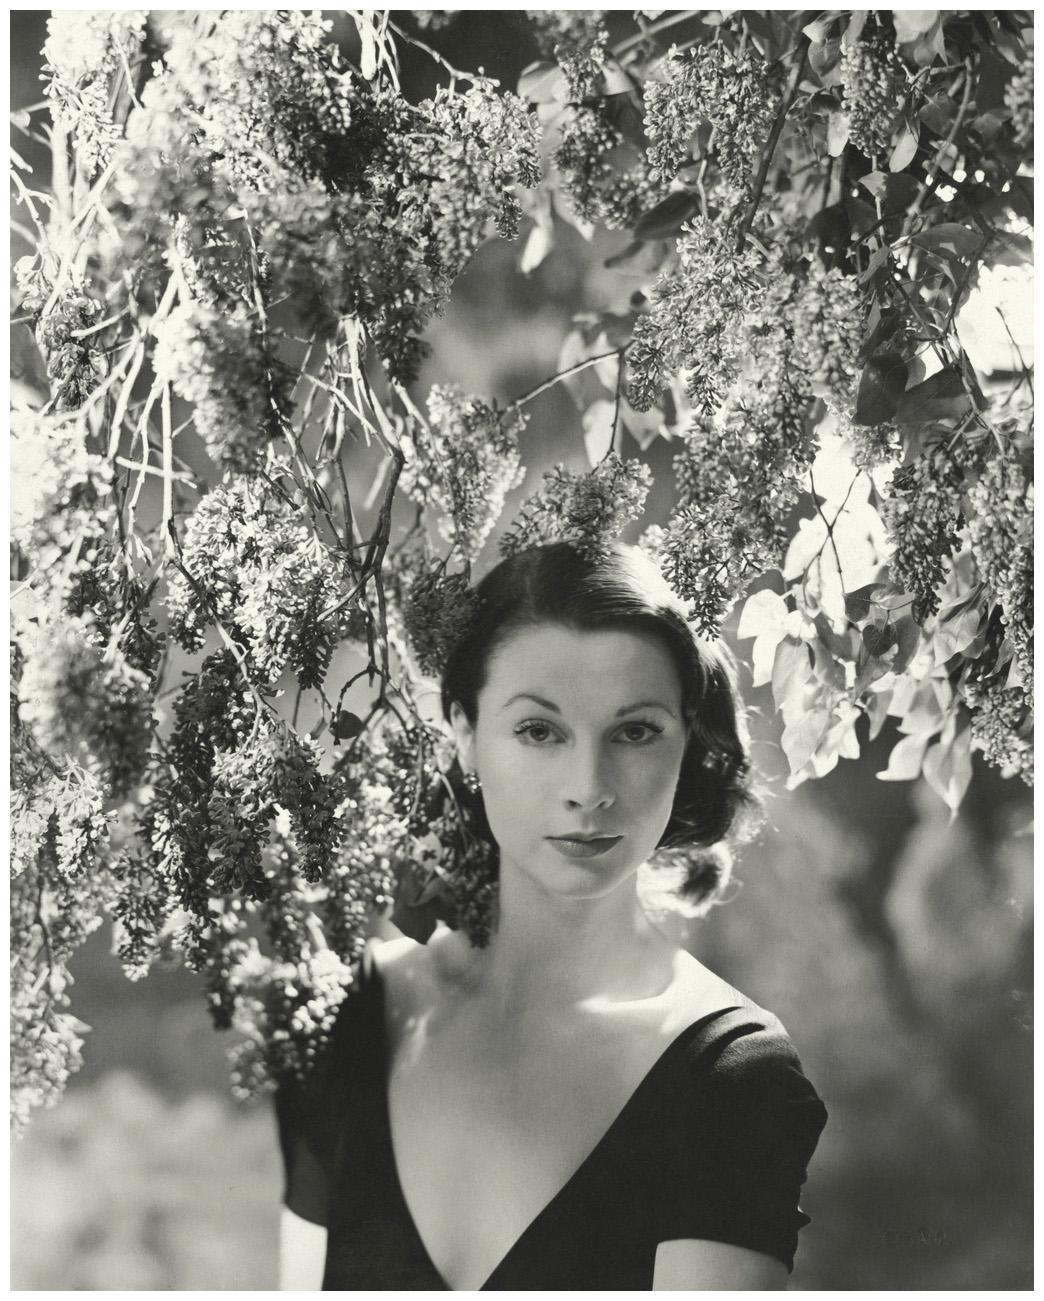 vivien-leigh-1946-vogue-photo-cecil-beaton.jpg